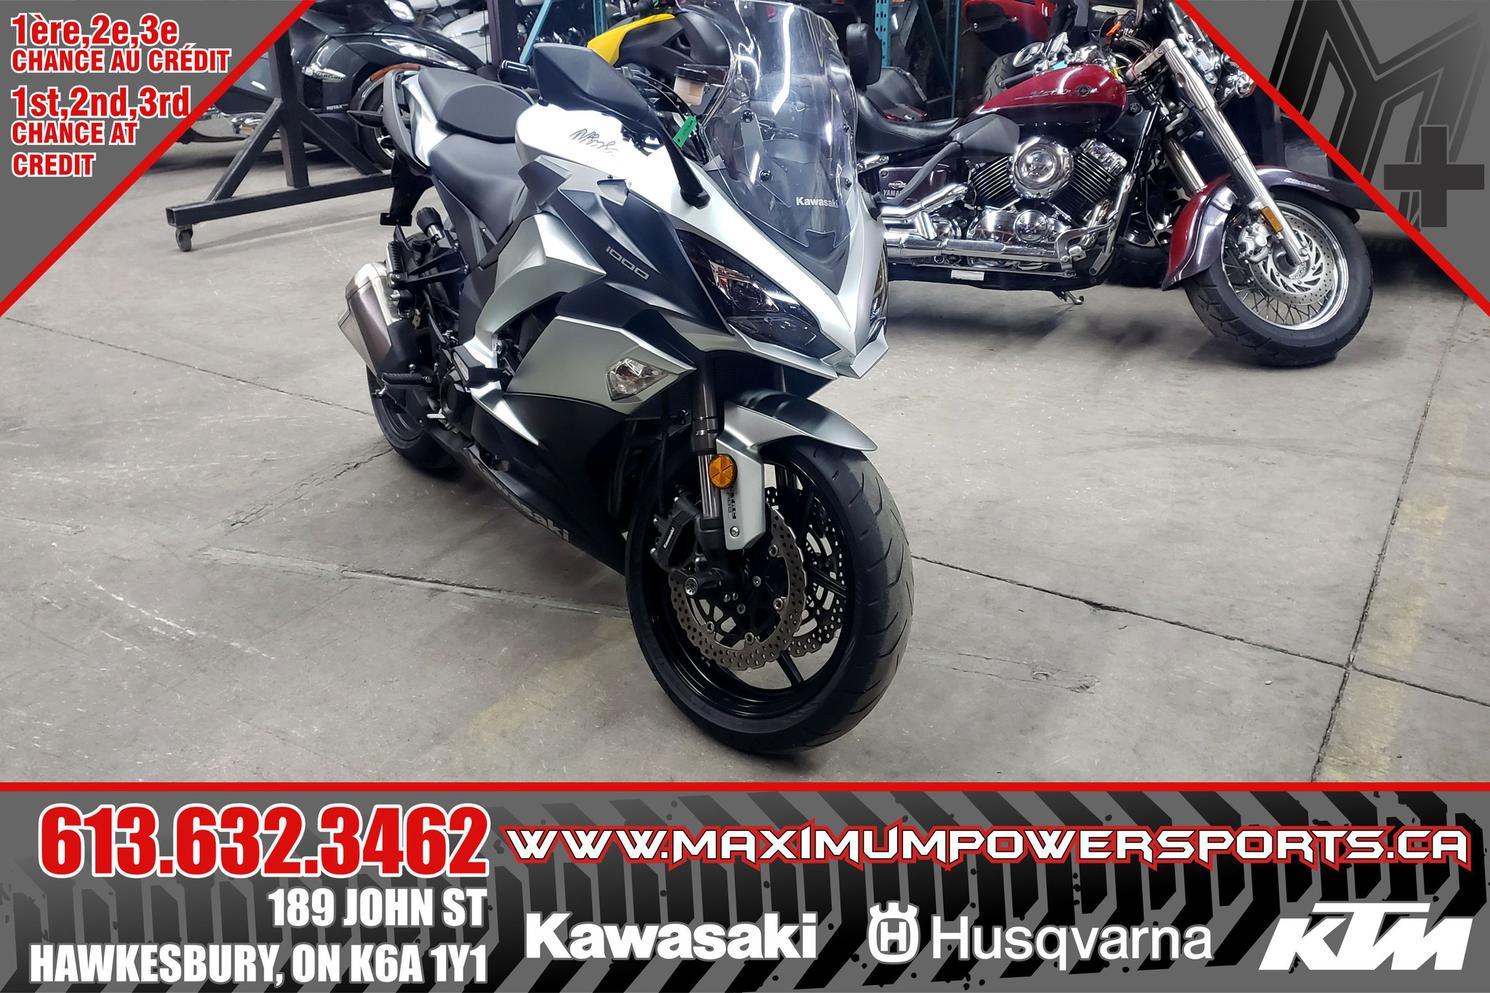 2018 Kawasaki NINJA 1000 ABS - NINJA 1000 ABS